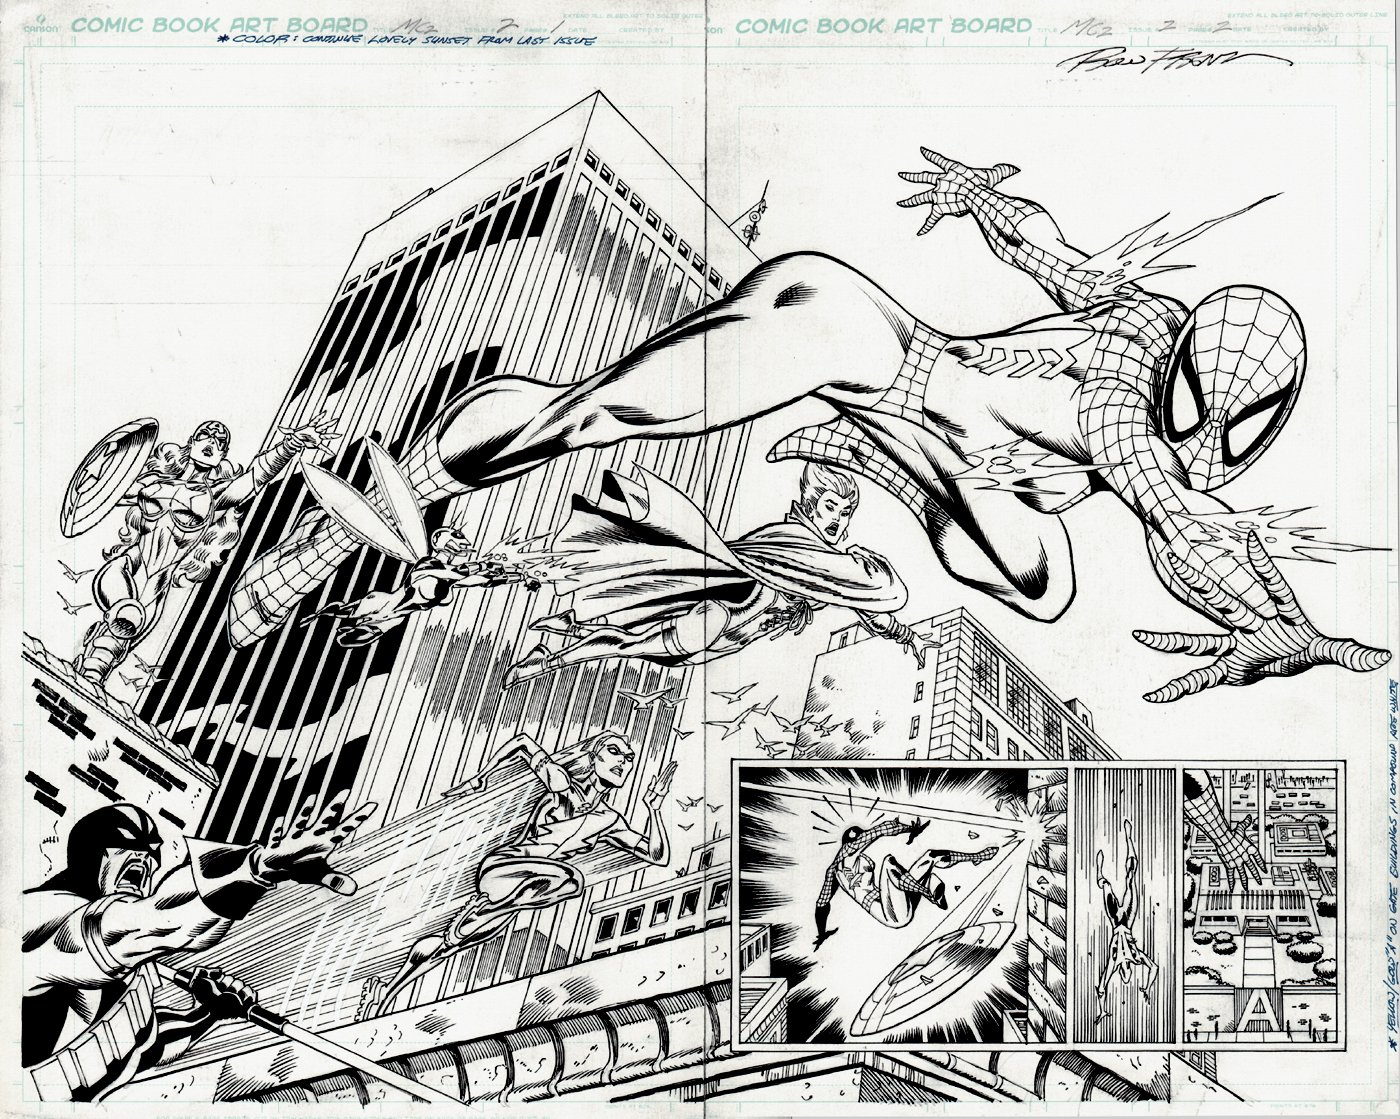 Amazing Spider-Girl #2 p 2-3 Double Spread Splash (2006)